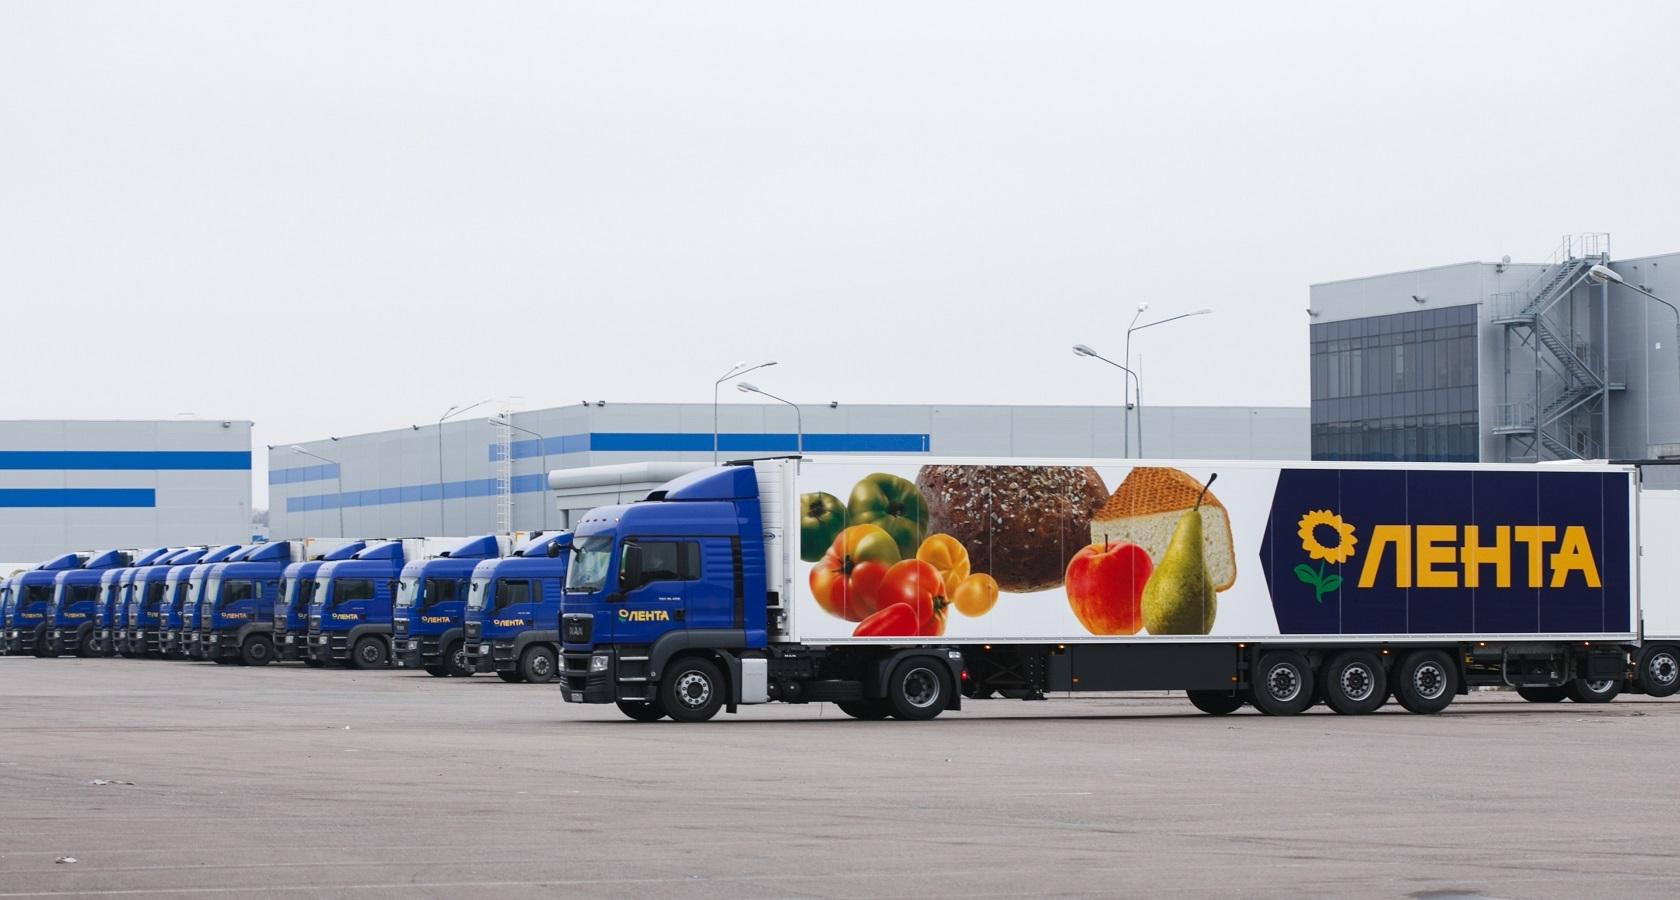 Бестселлерами MAN на российсокм рынке являются грузовики серии TGS (фото: «МАН Трак энд Бас Рус»)